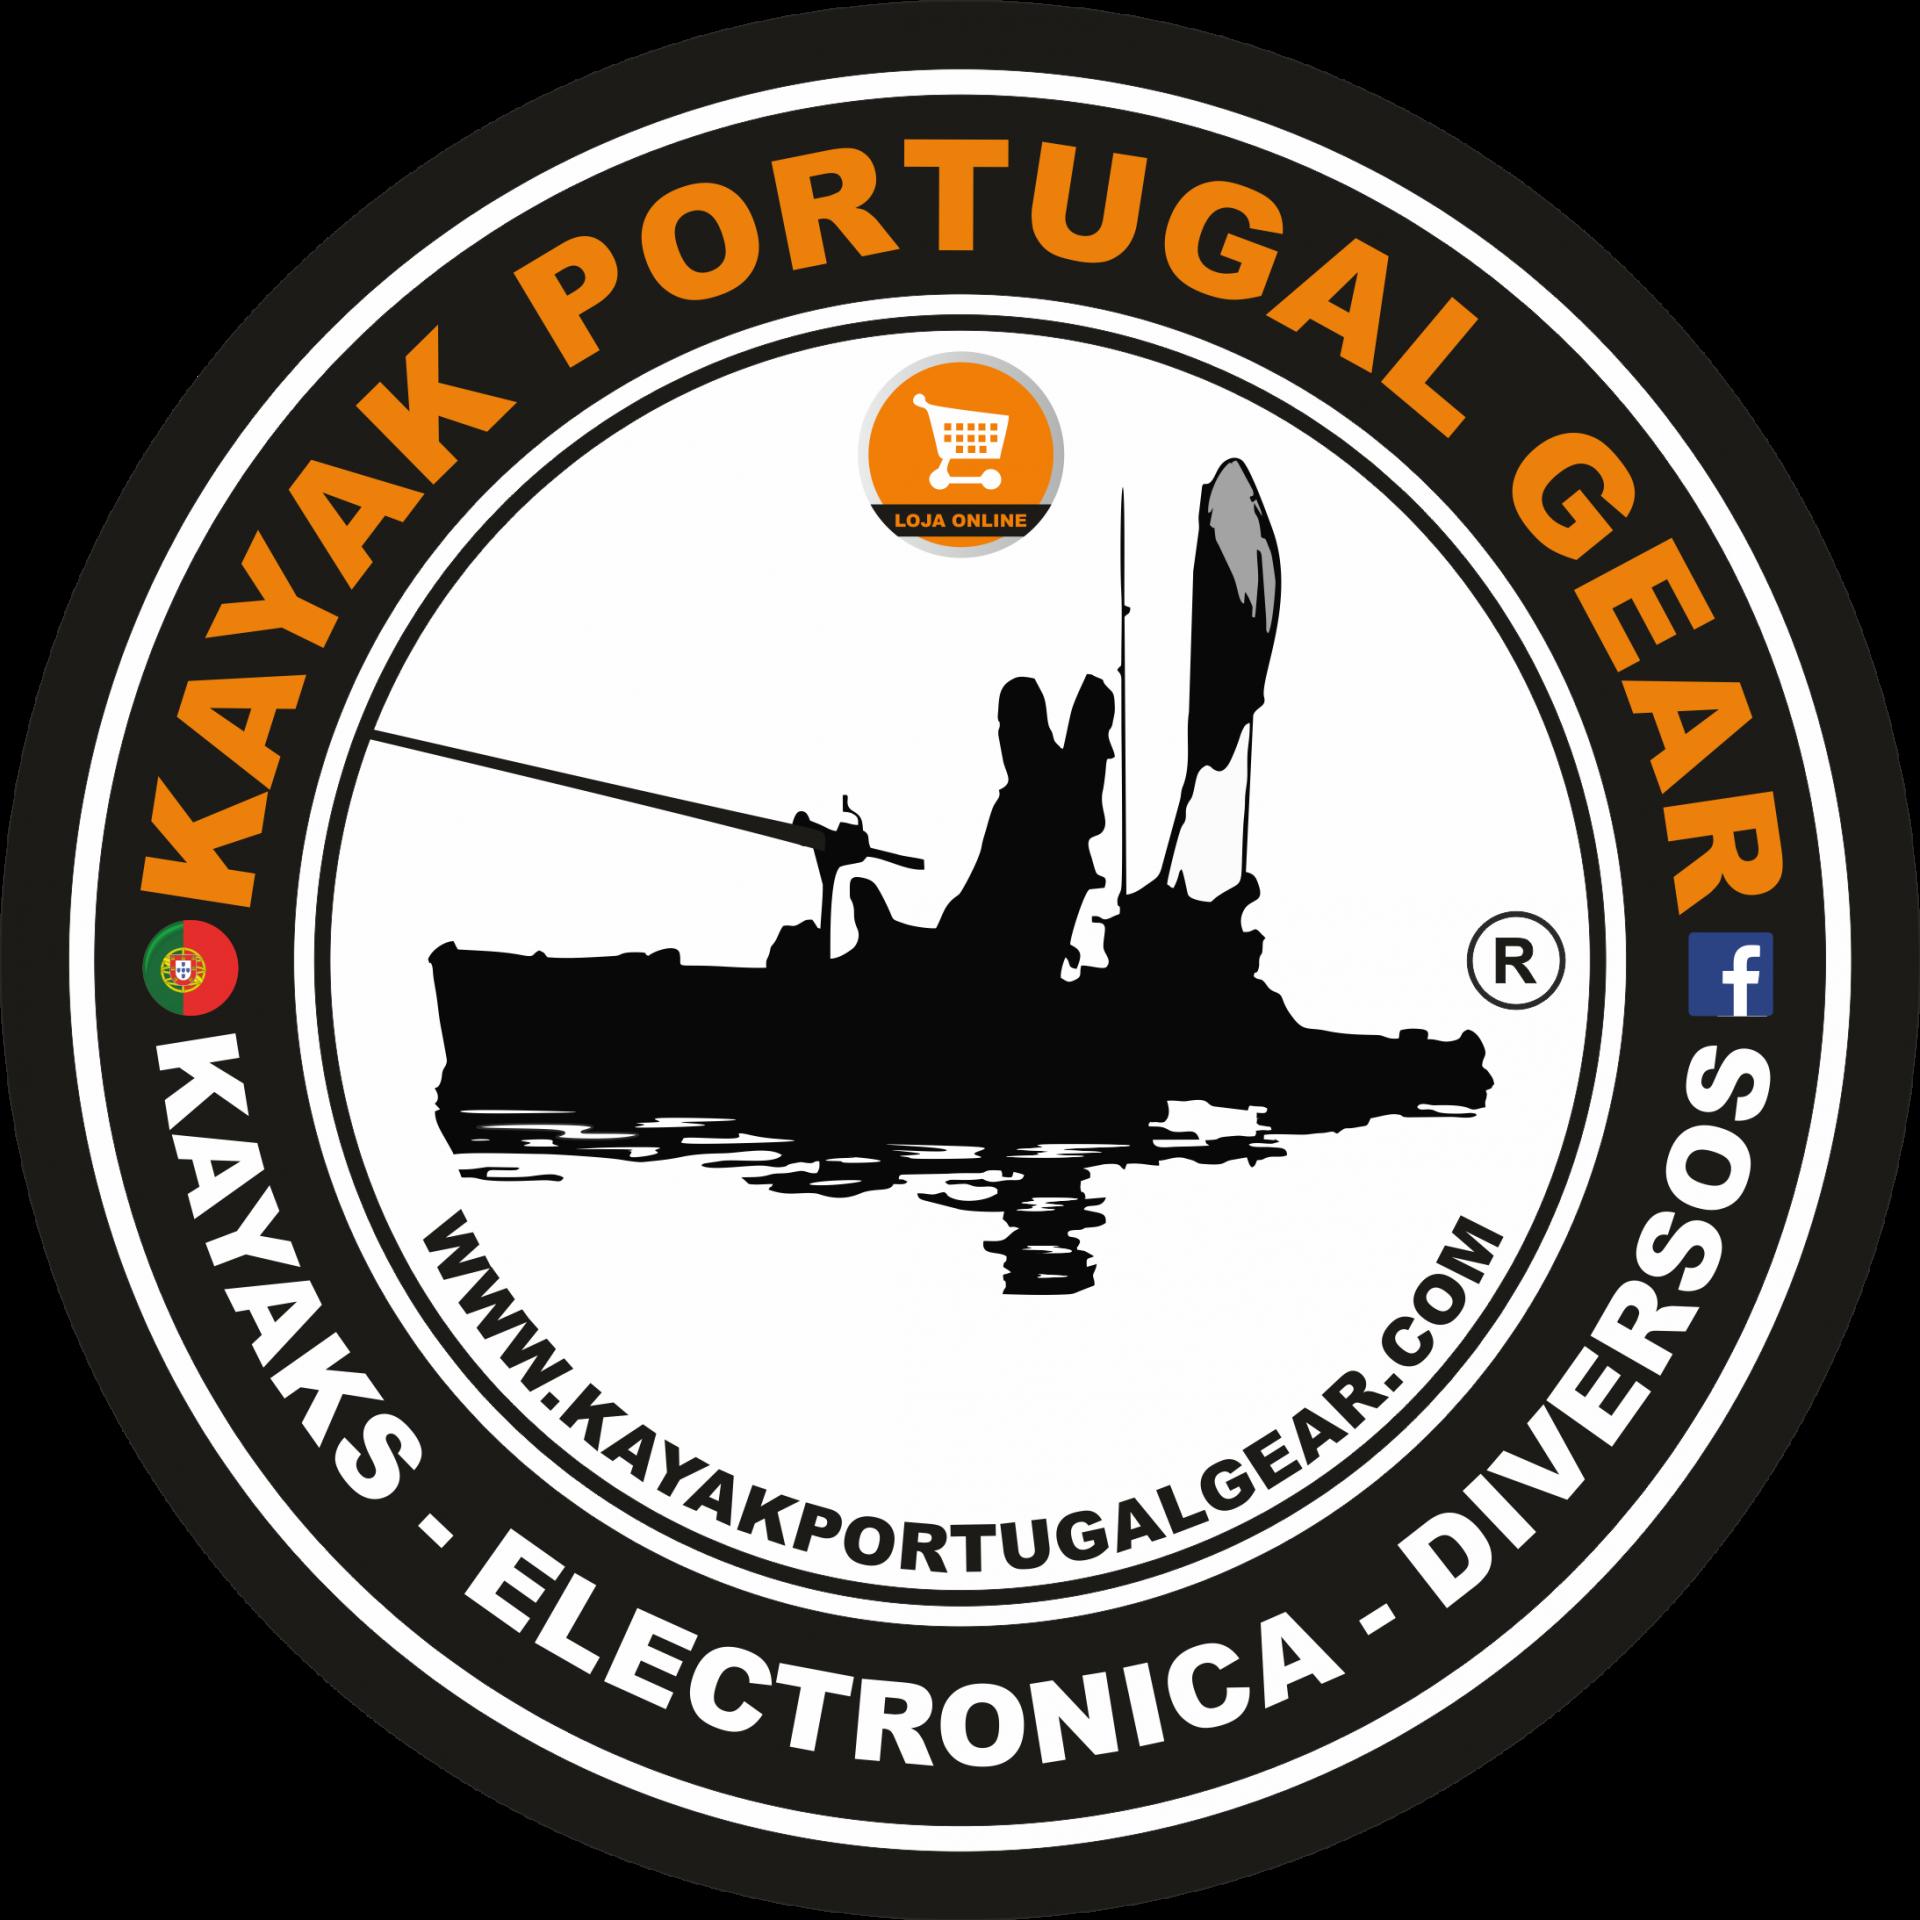 KPG Kayak Portugal Unipessoal Lda